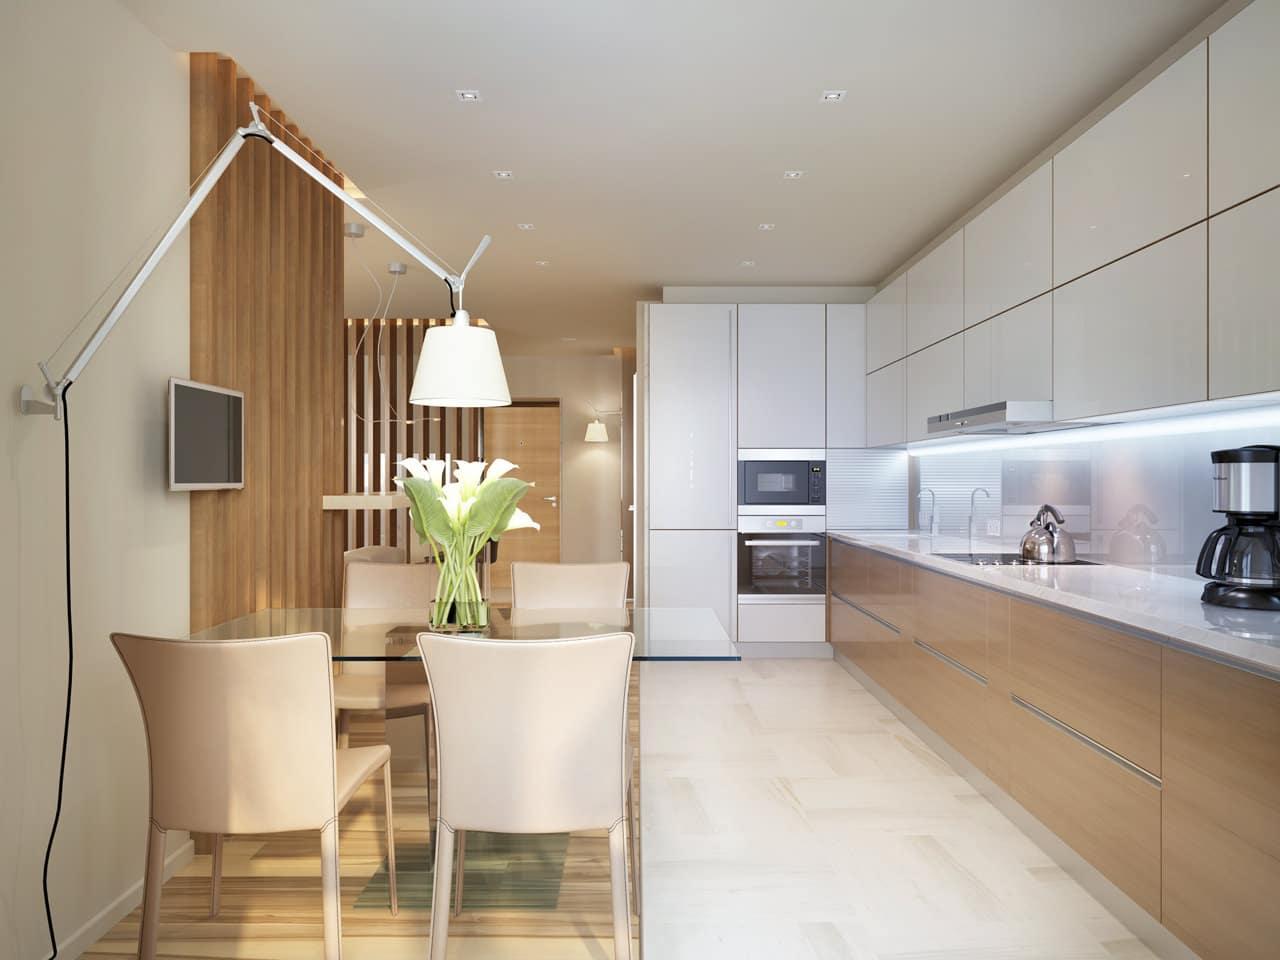 diseo de cocina con muebles blancos y madera